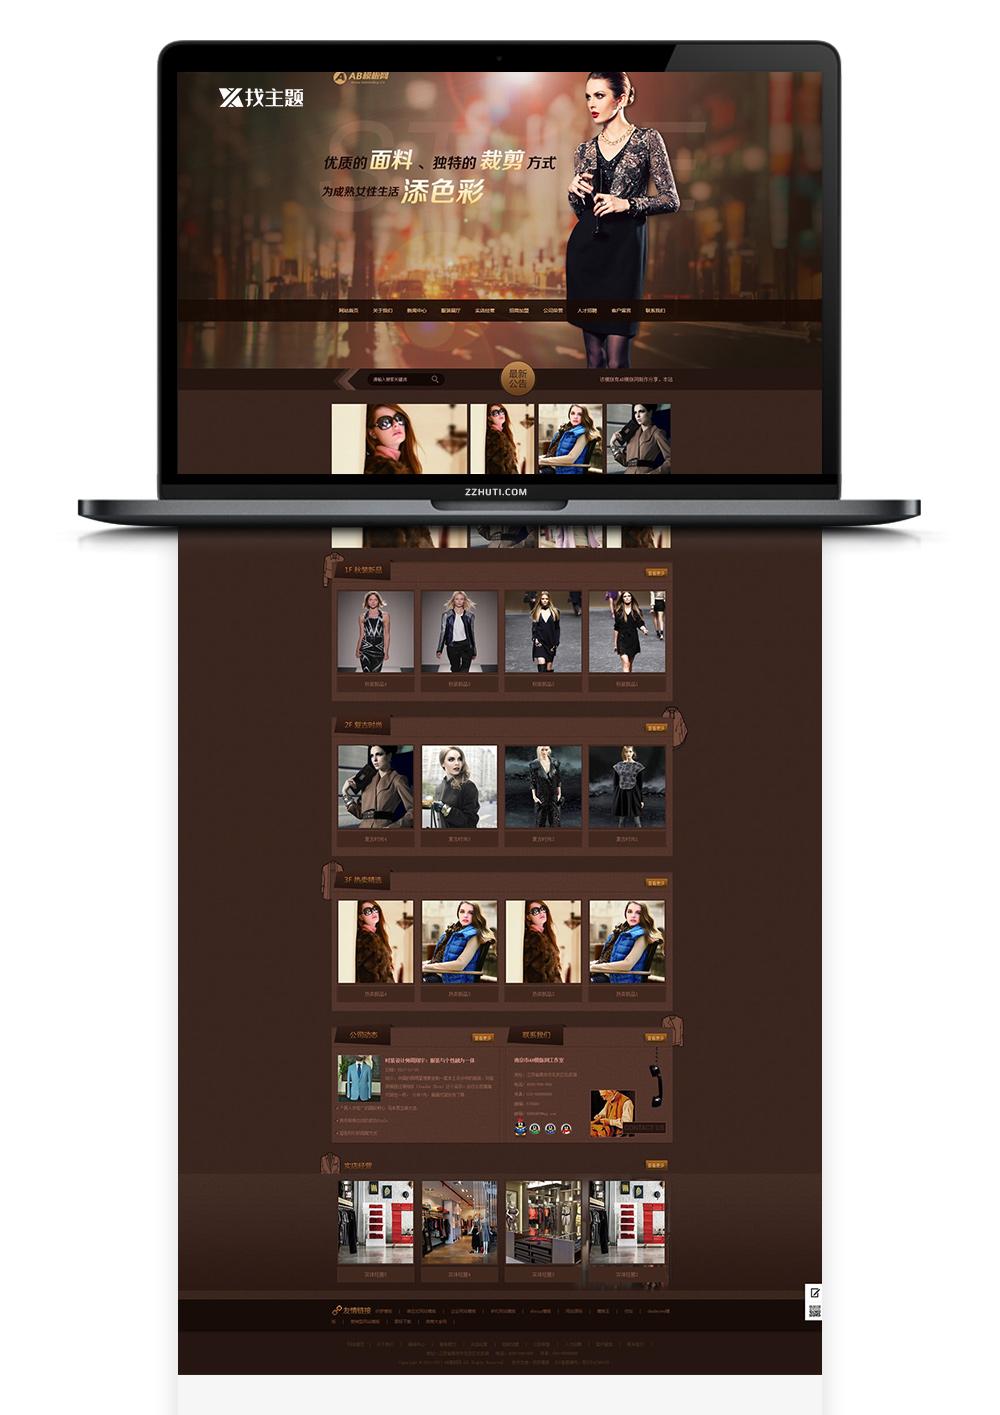 【服装面料类】织梦cms咖啡色模板 网站源码 带手机版数据同步-酷网站源码